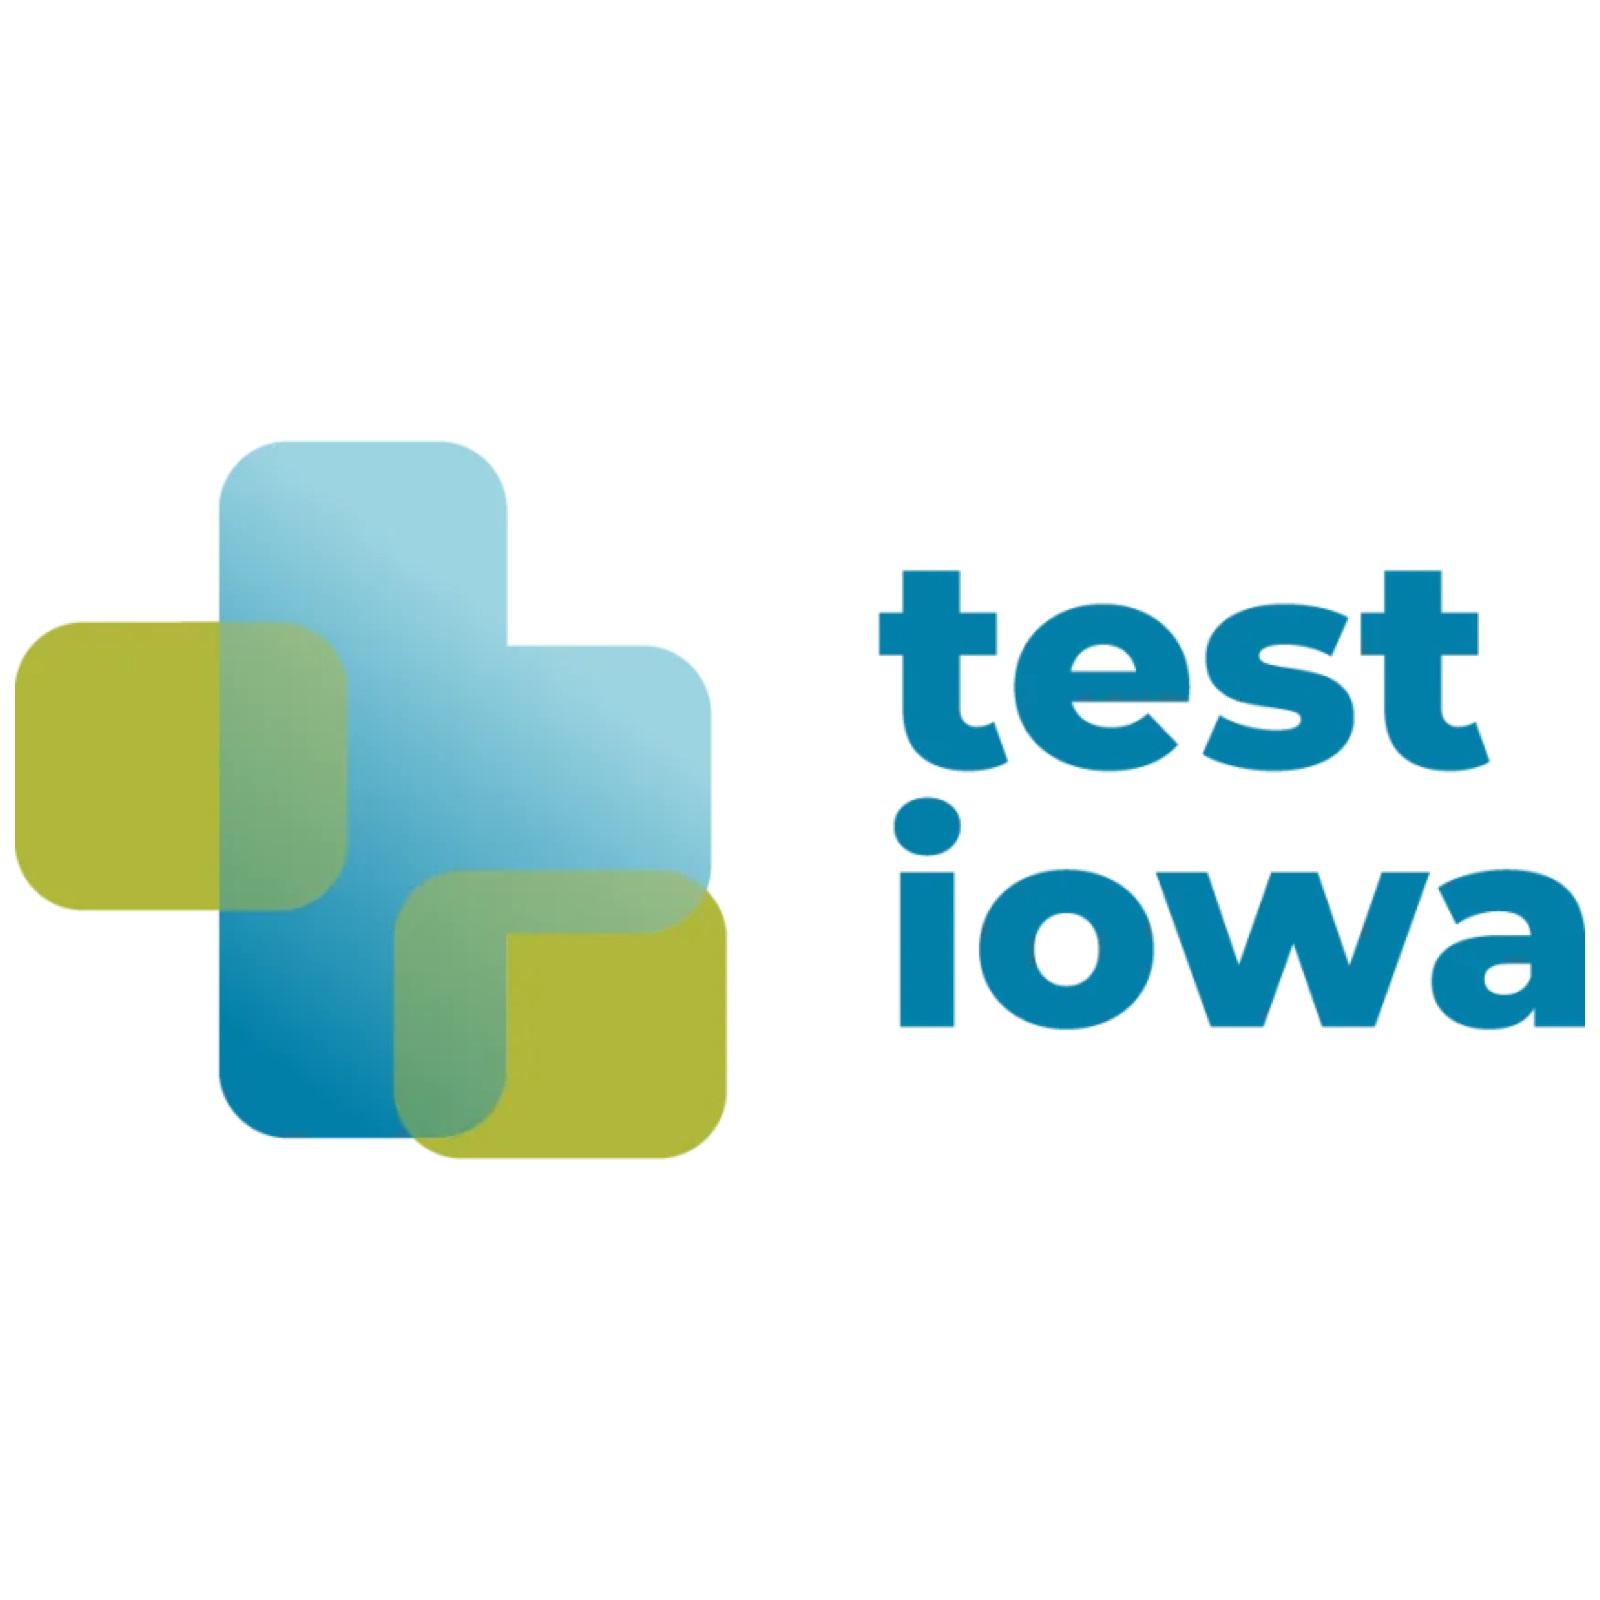 Test Iowa logo